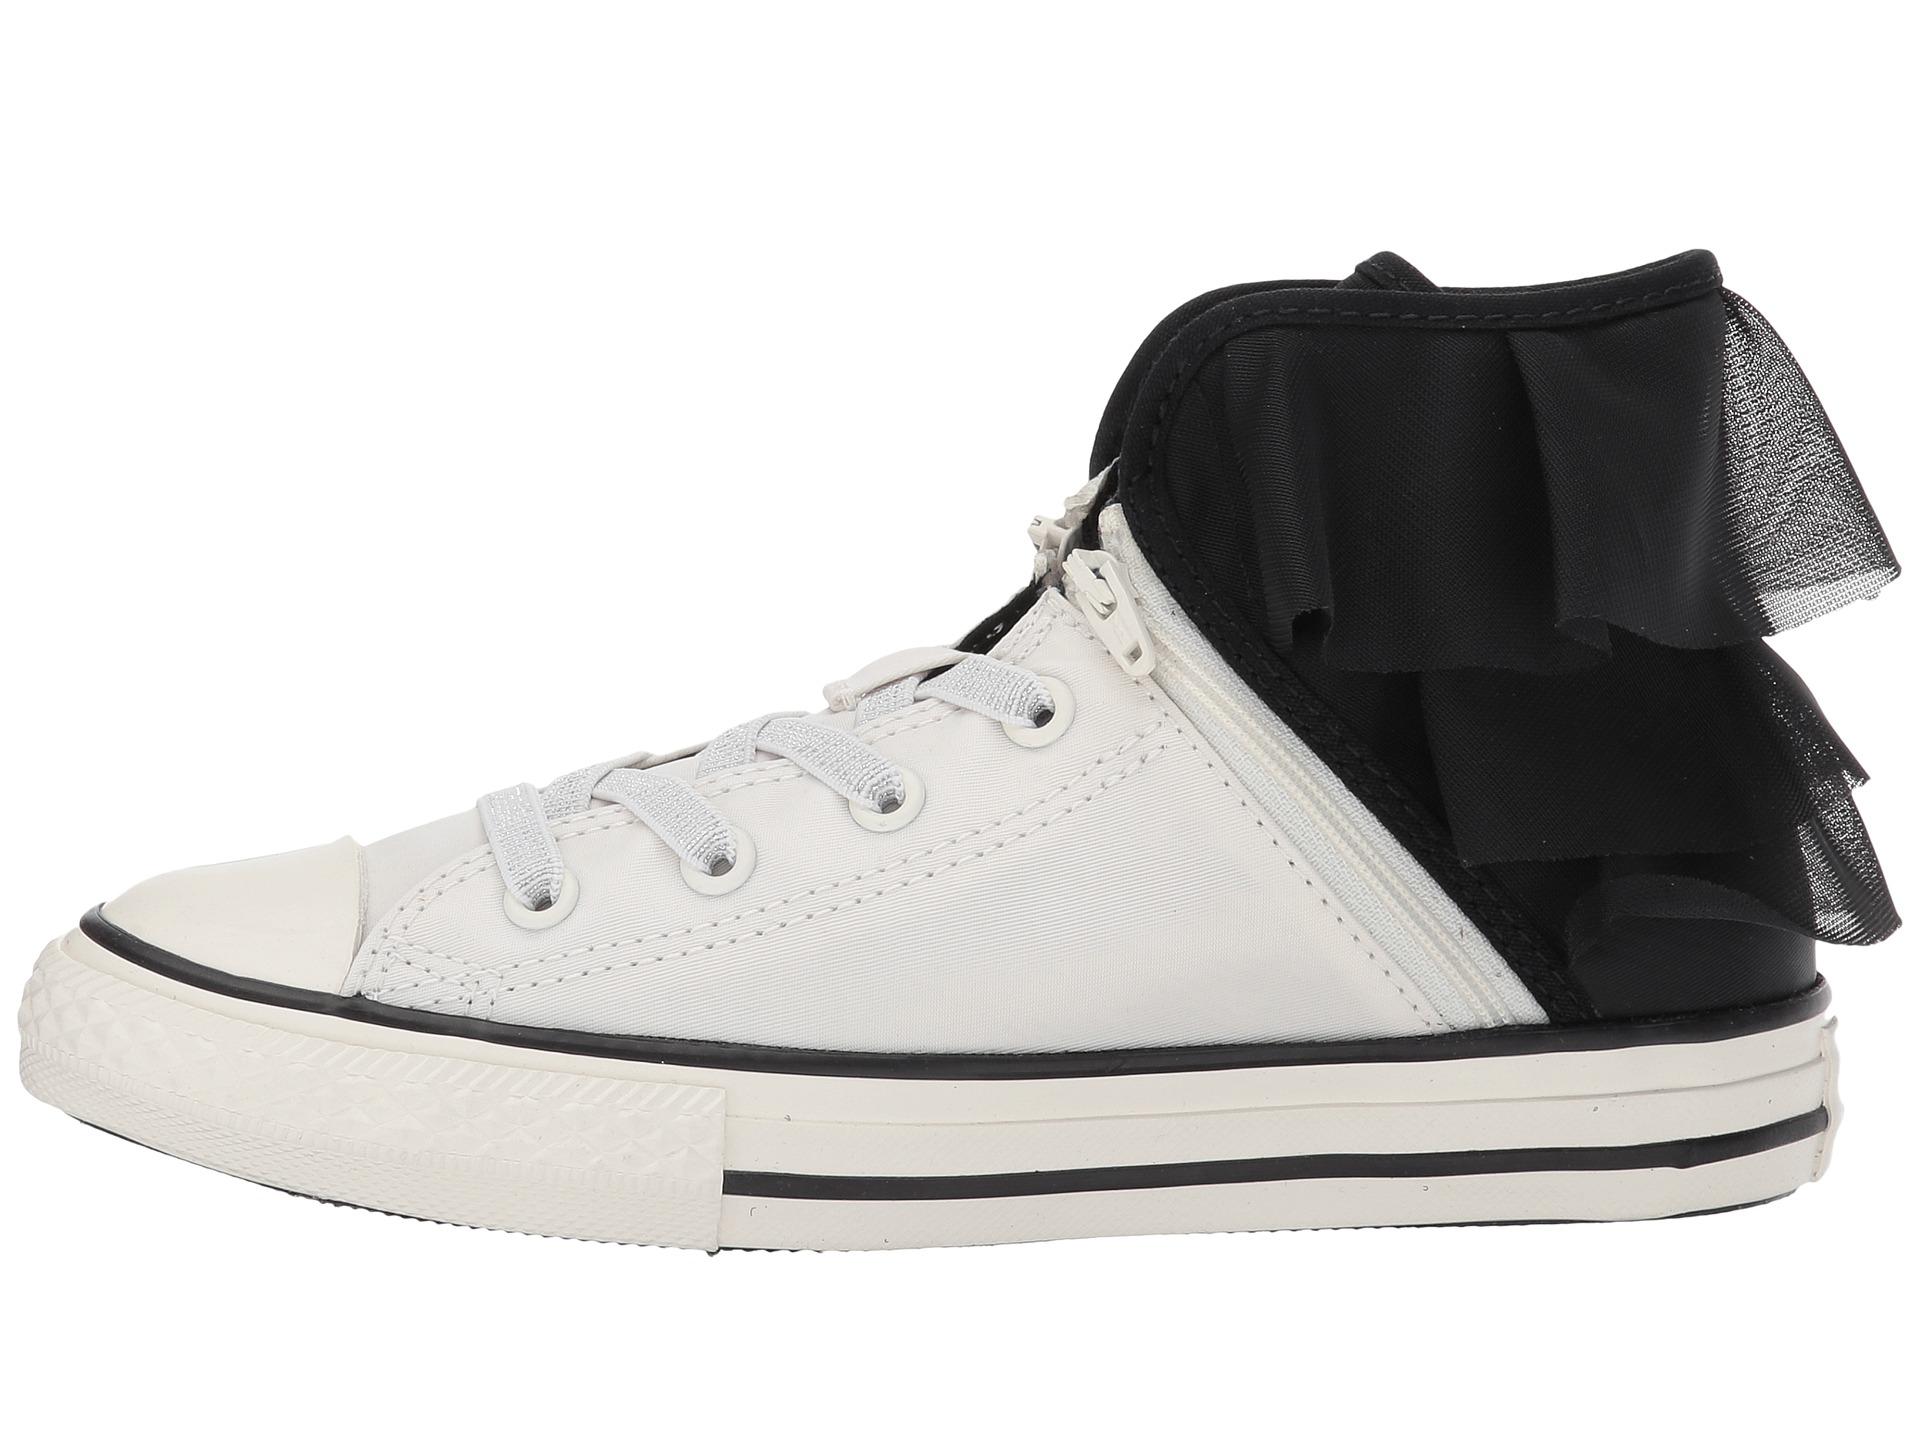 Converse All Star Little Kid Shoe Chart